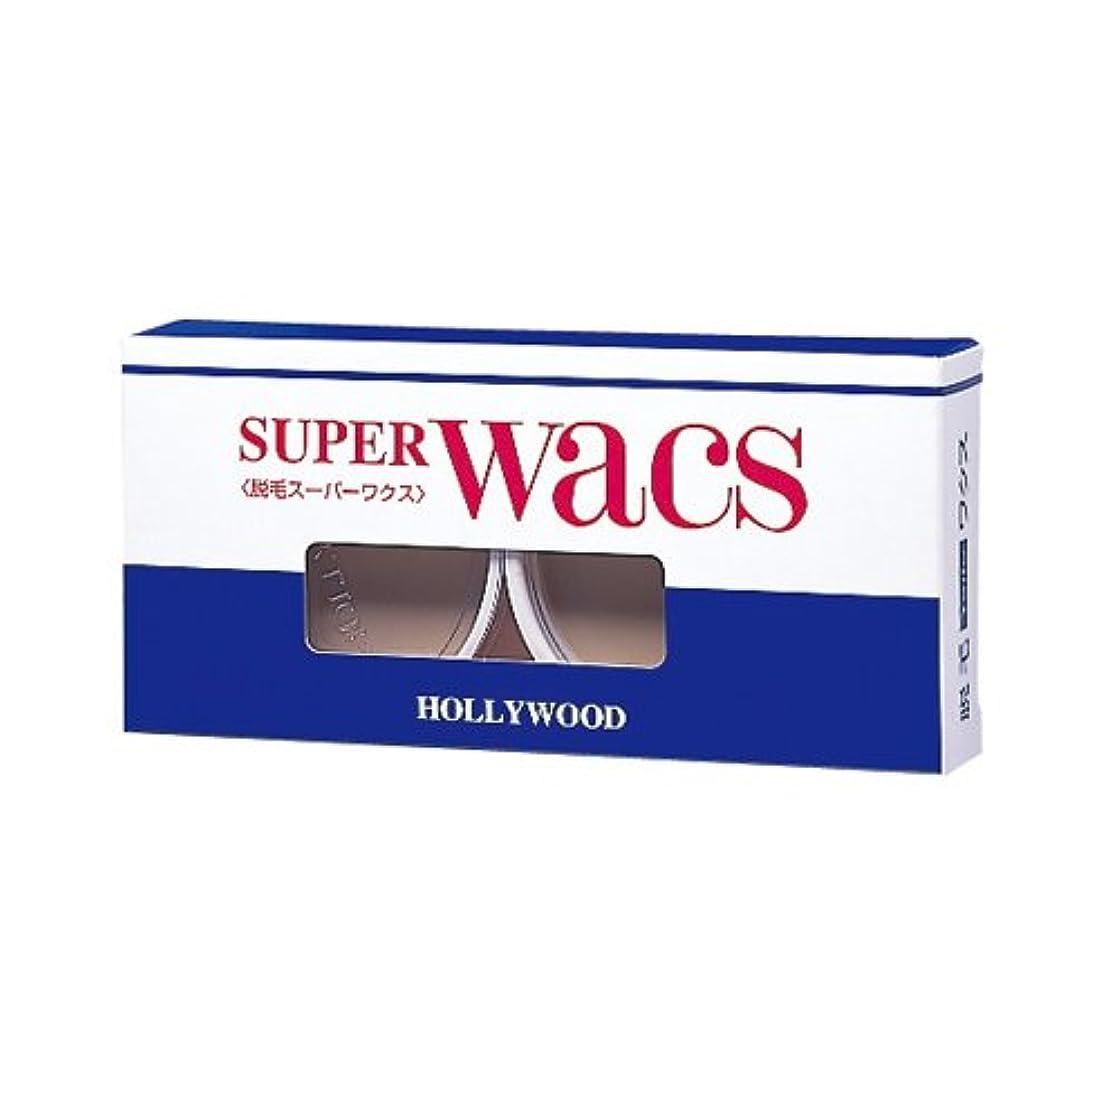 自分旋律的研磨ハリウッド 脱毛スーパーワクス (強力) (50g × 2)